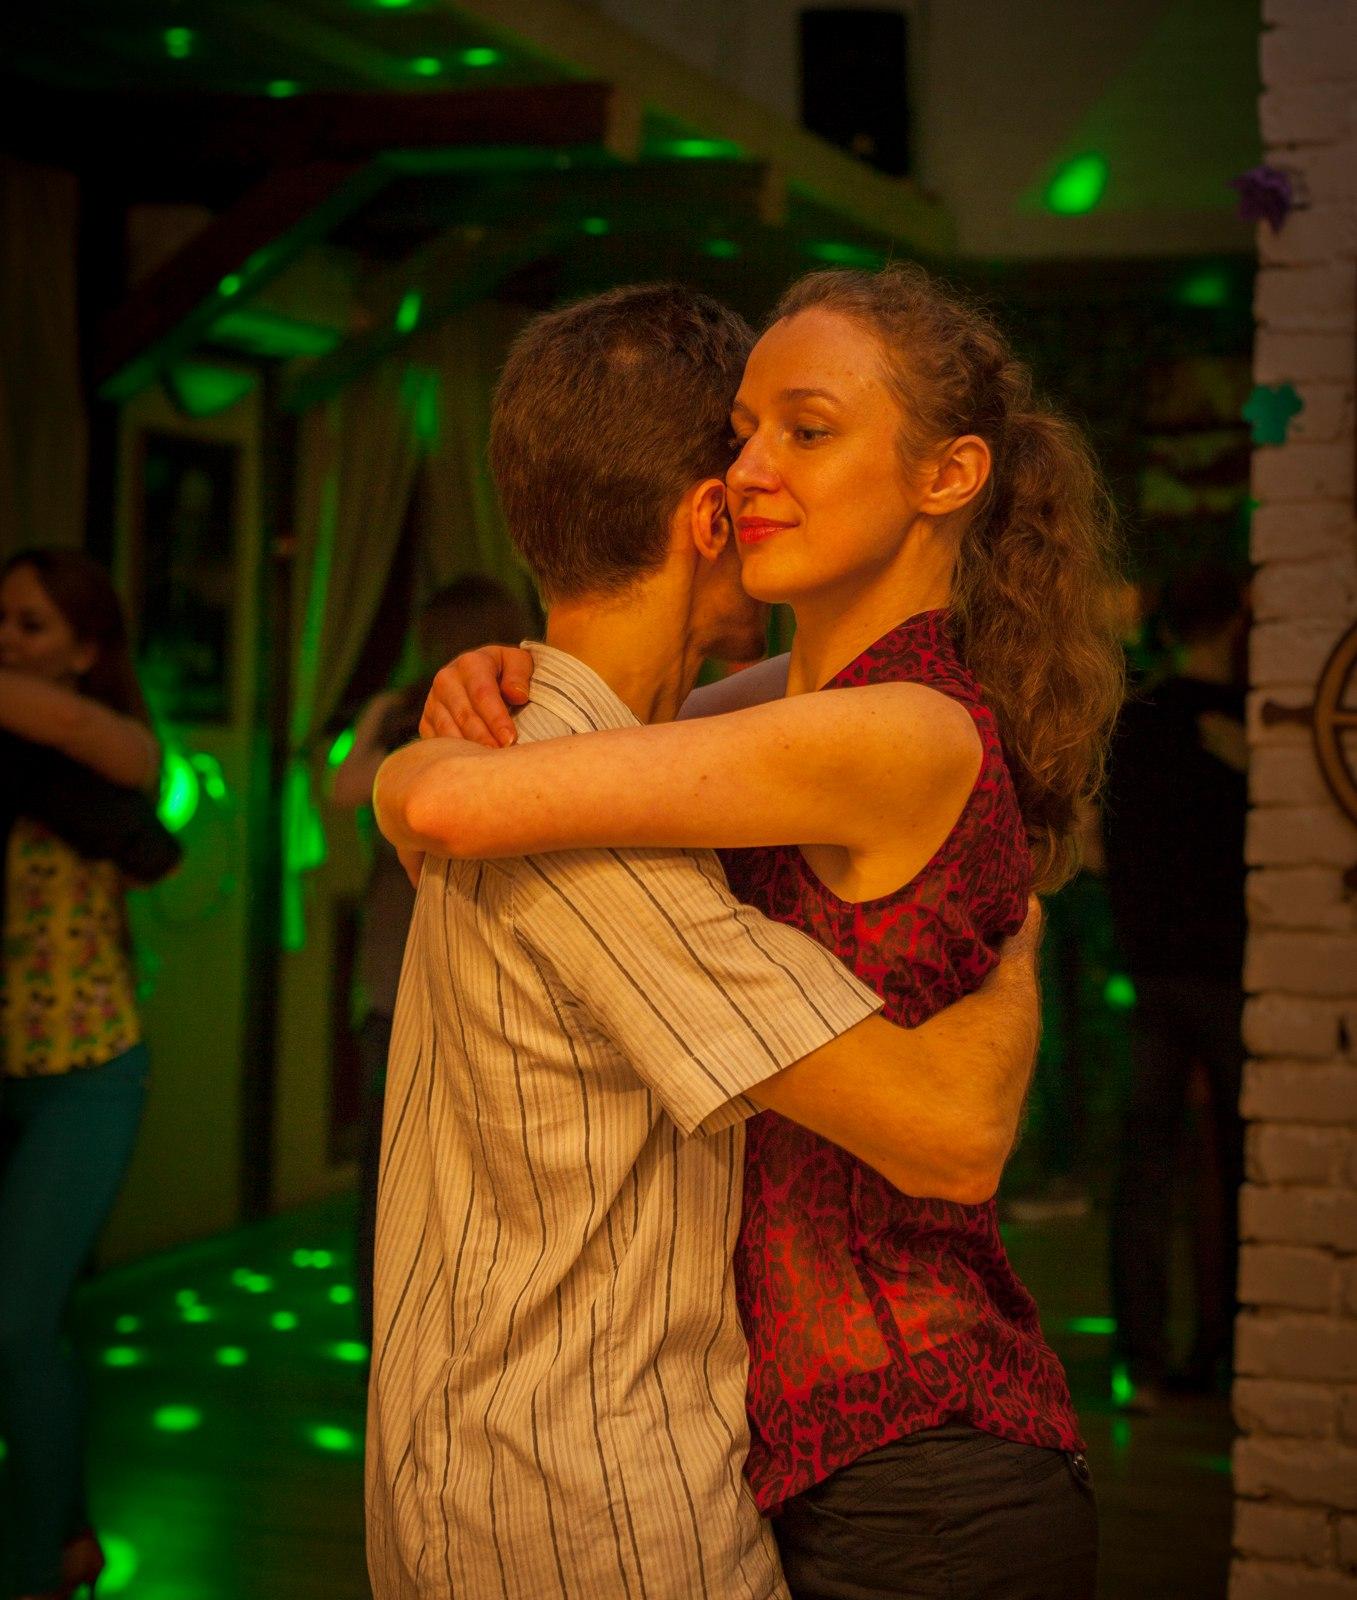 Кончила время прилично ли если жена танцует с чужим мужчиной много раз